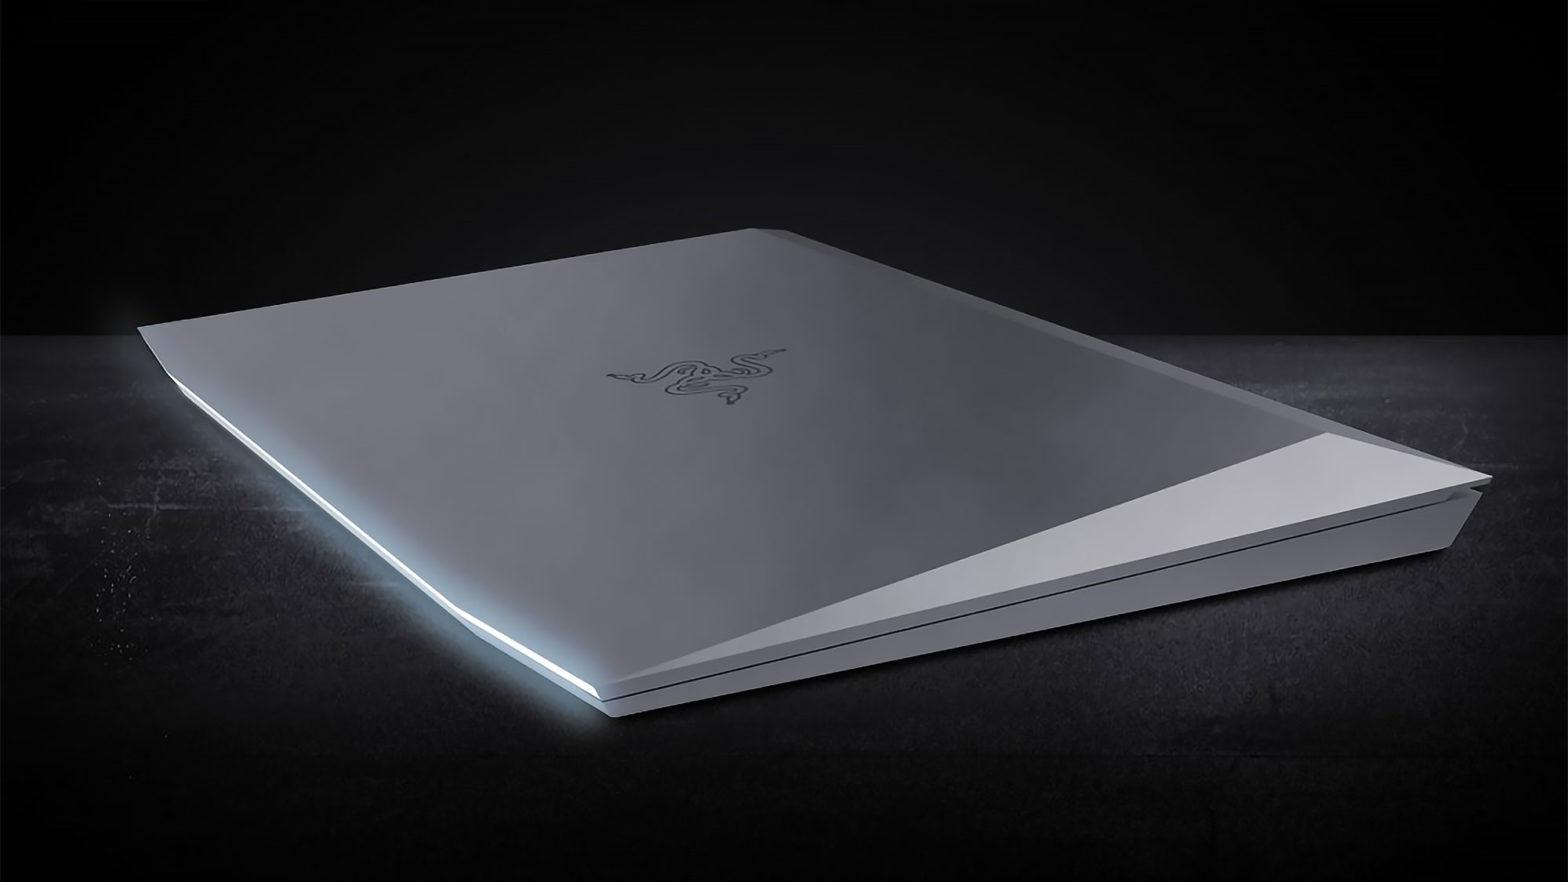 Razer CyberBlade Concept Laptop